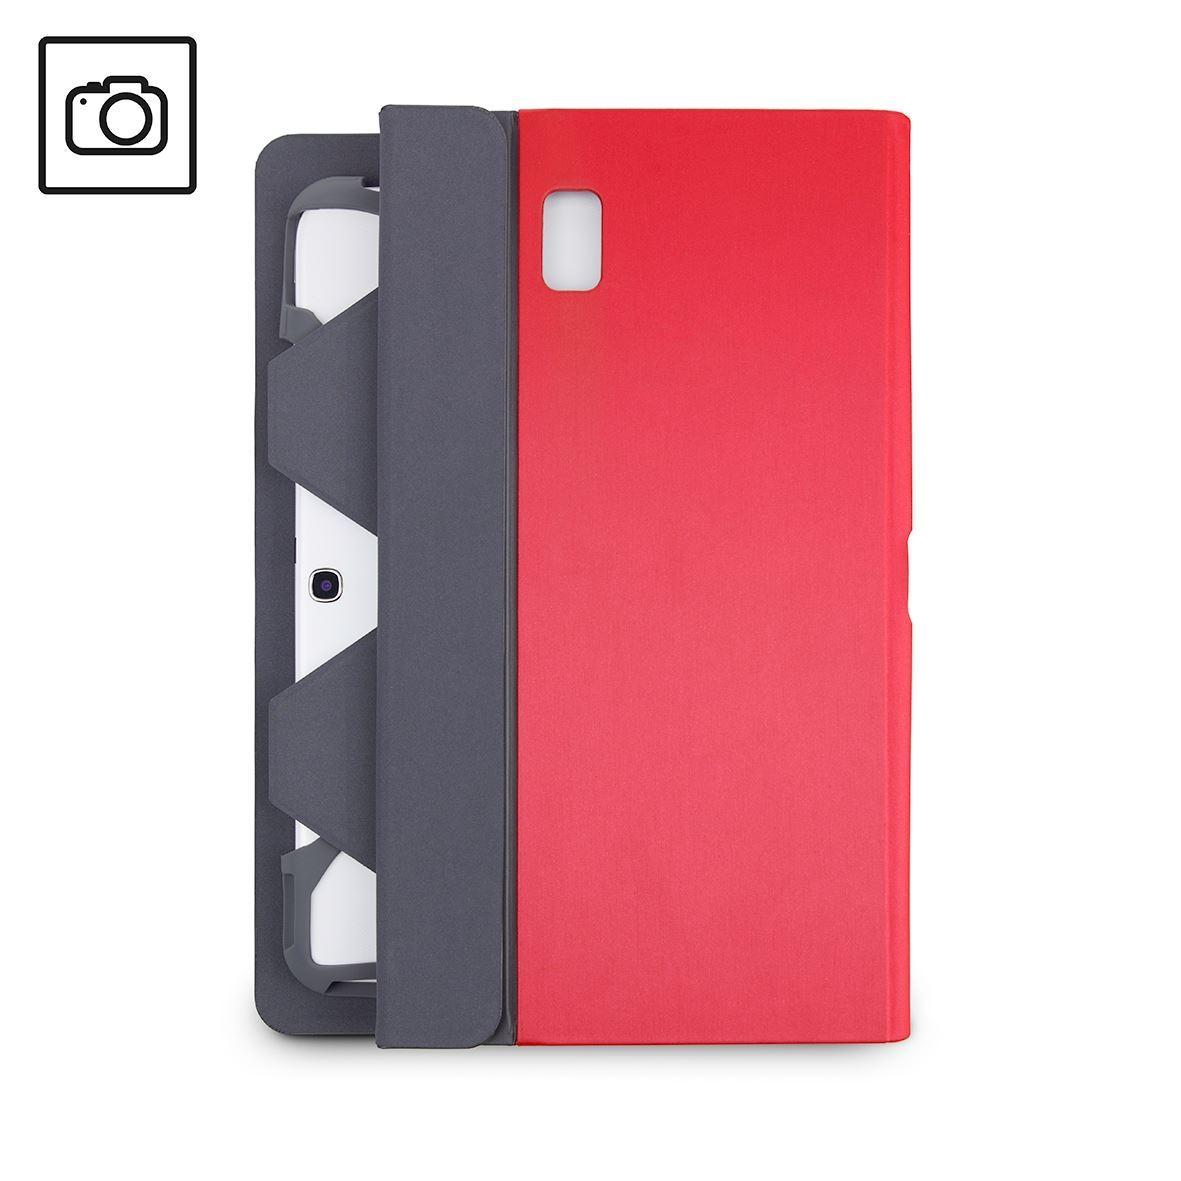 Fit-n-Grip II Rotating Universal 9-10.1'' Tablet Case